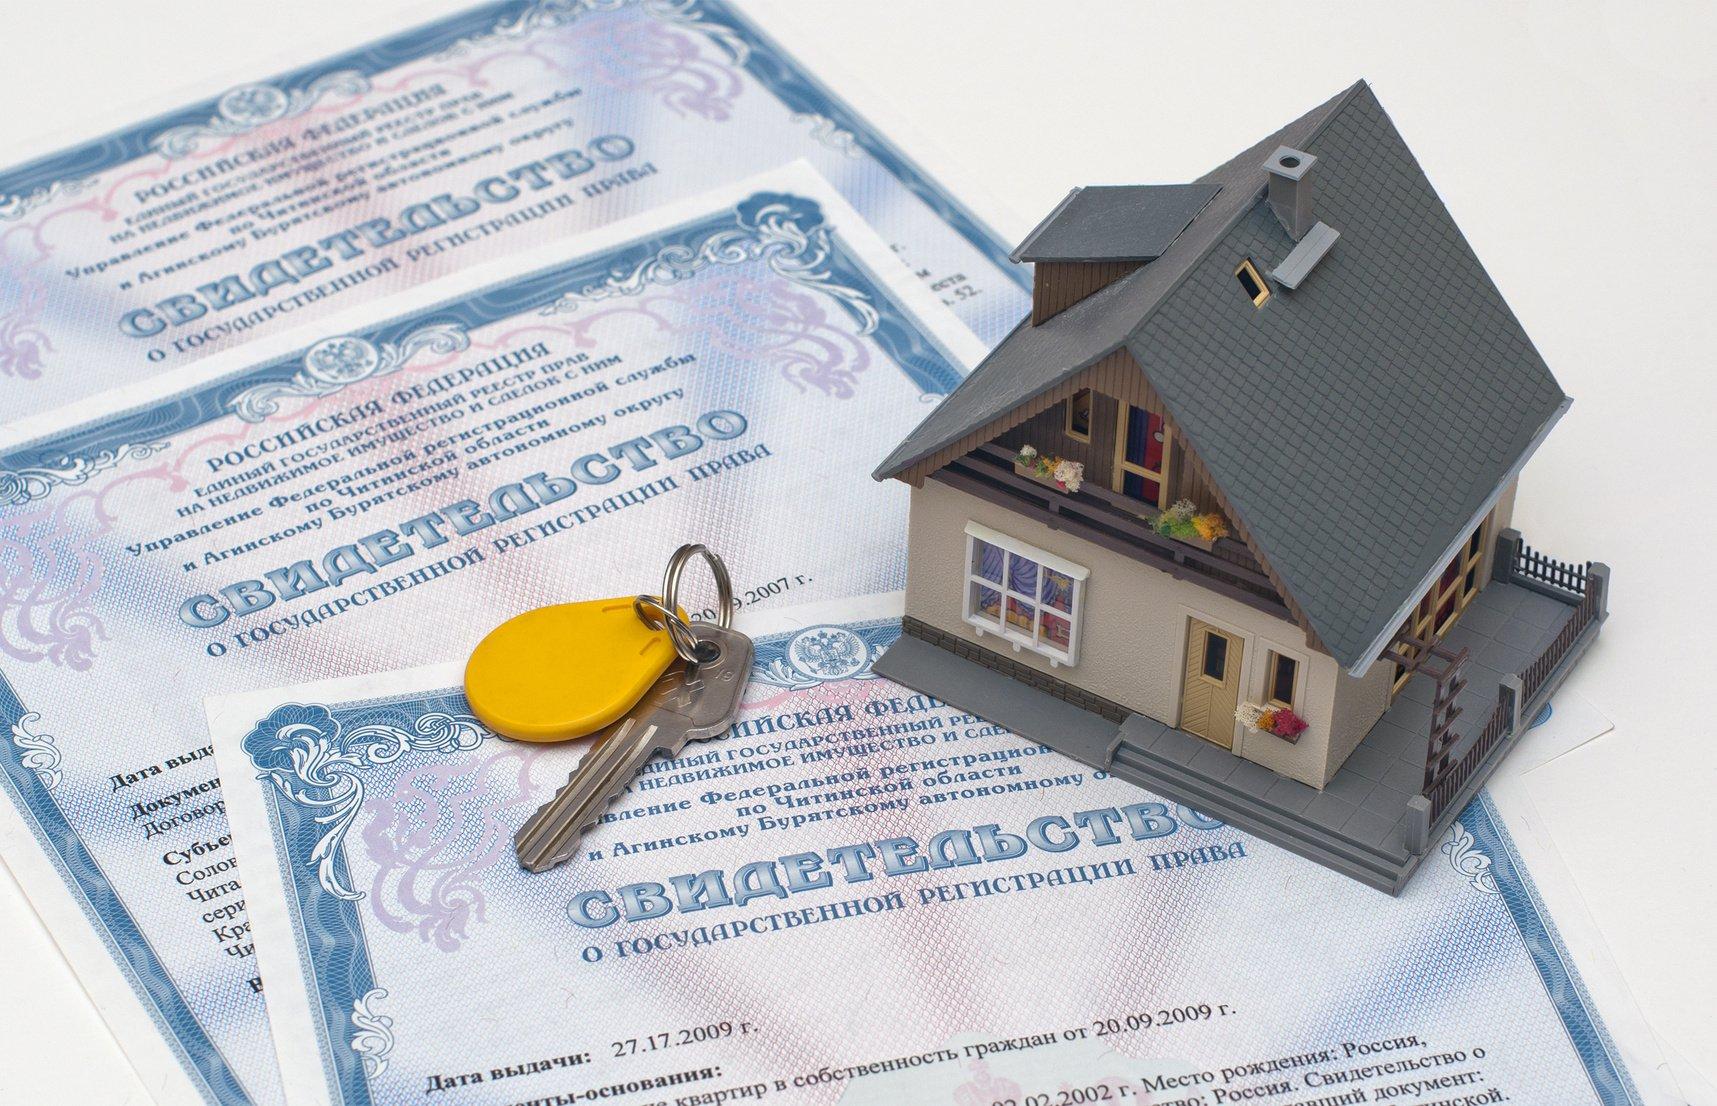 Для чего нужна регистрация недвижимости?